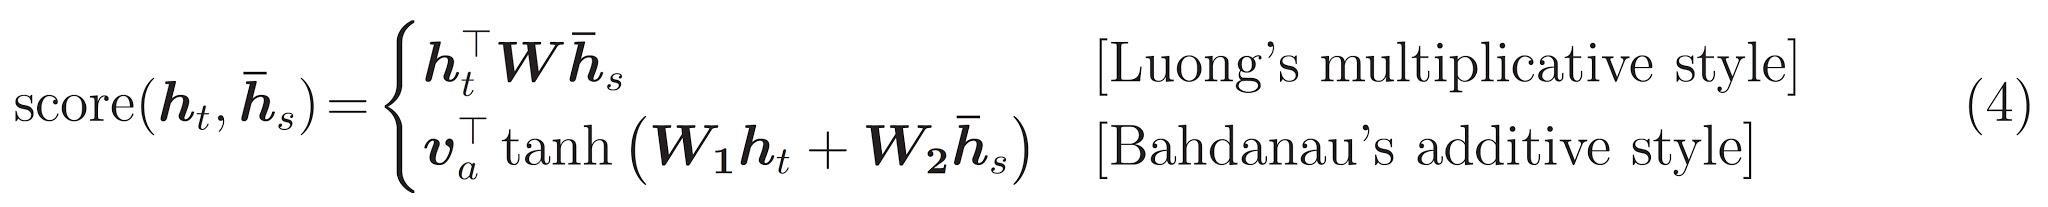 atenção equação 4